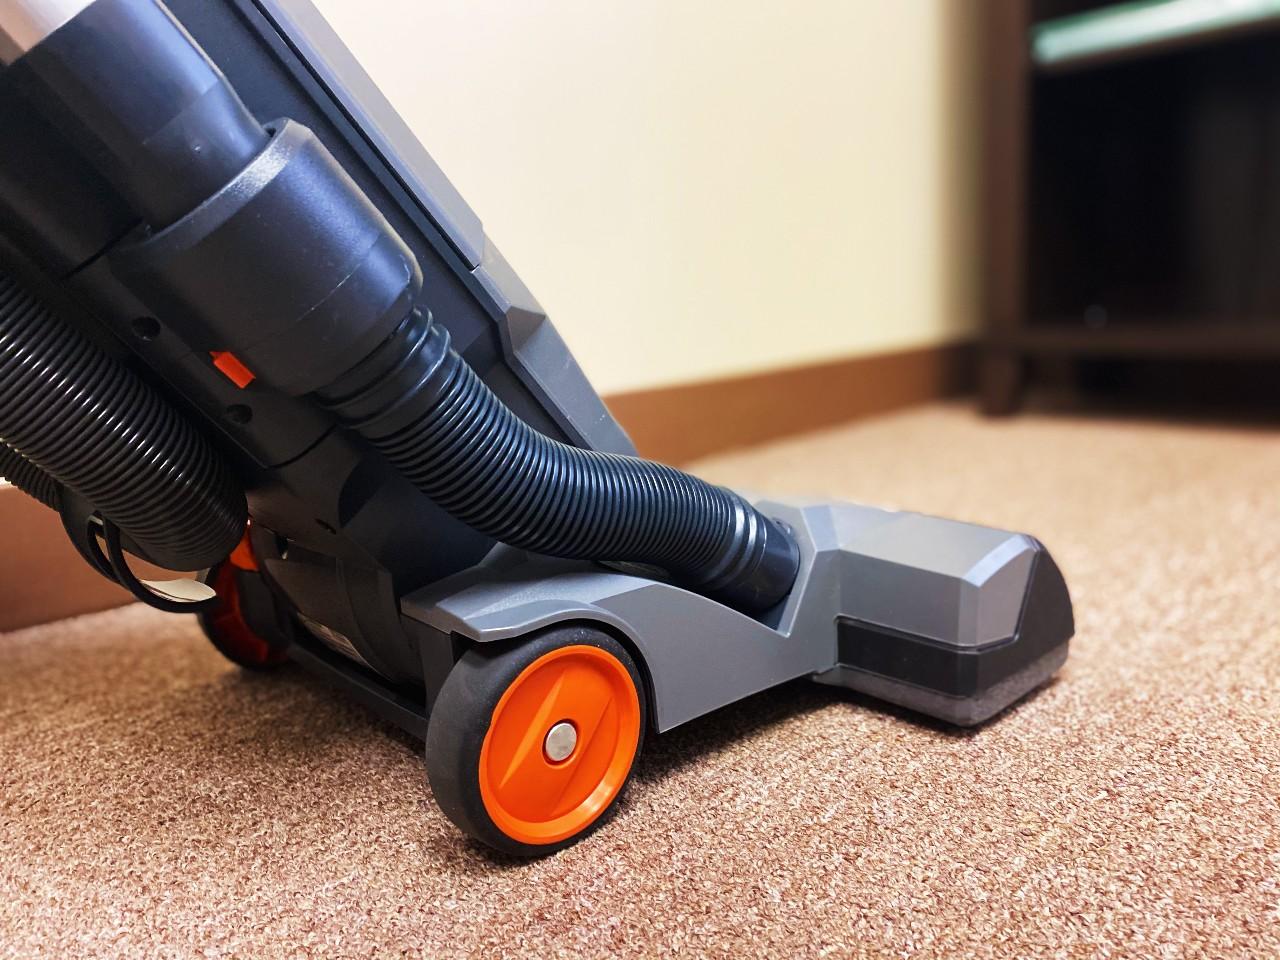 Vacuuming Pt. 2